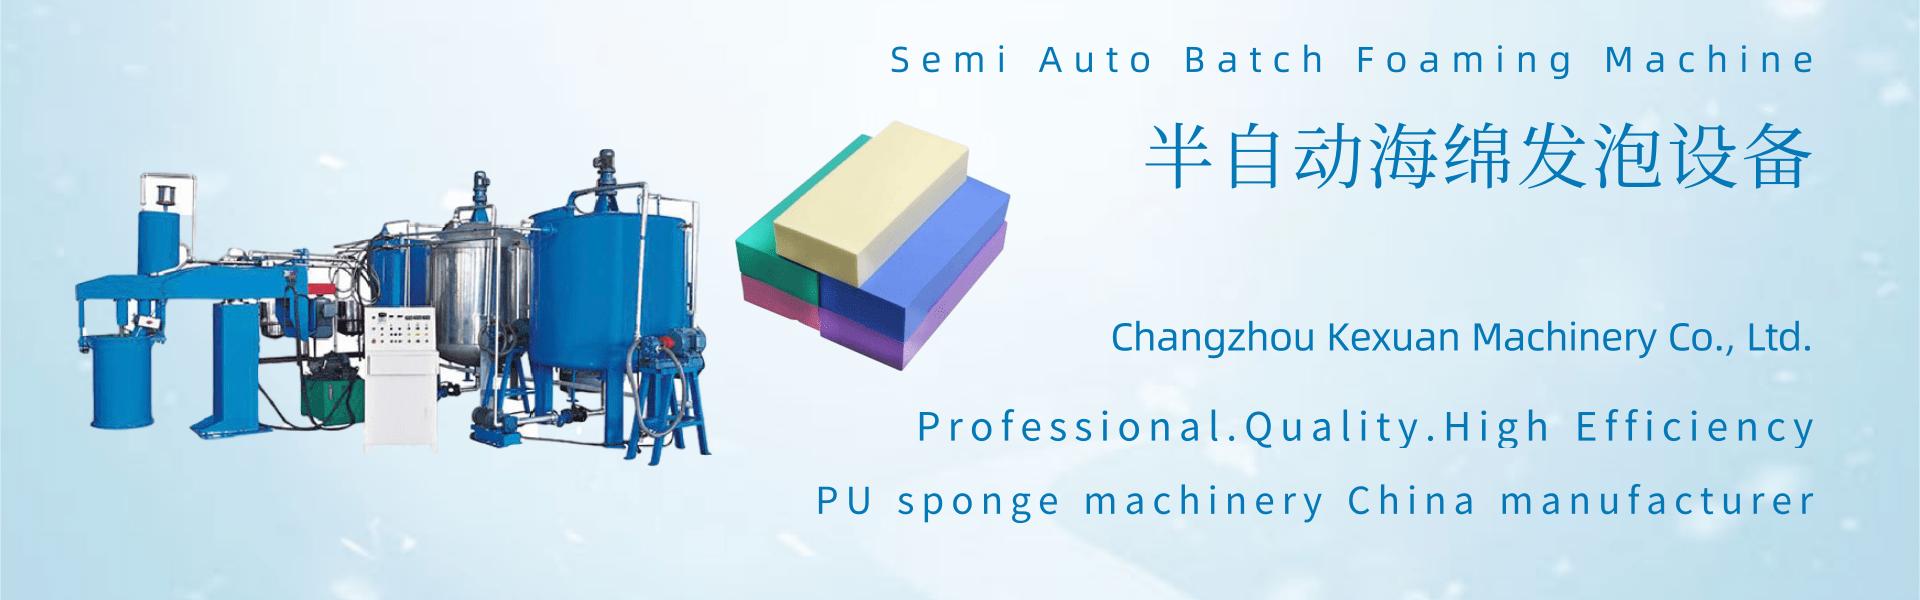 Semi Automatic Batch Foaming Machine